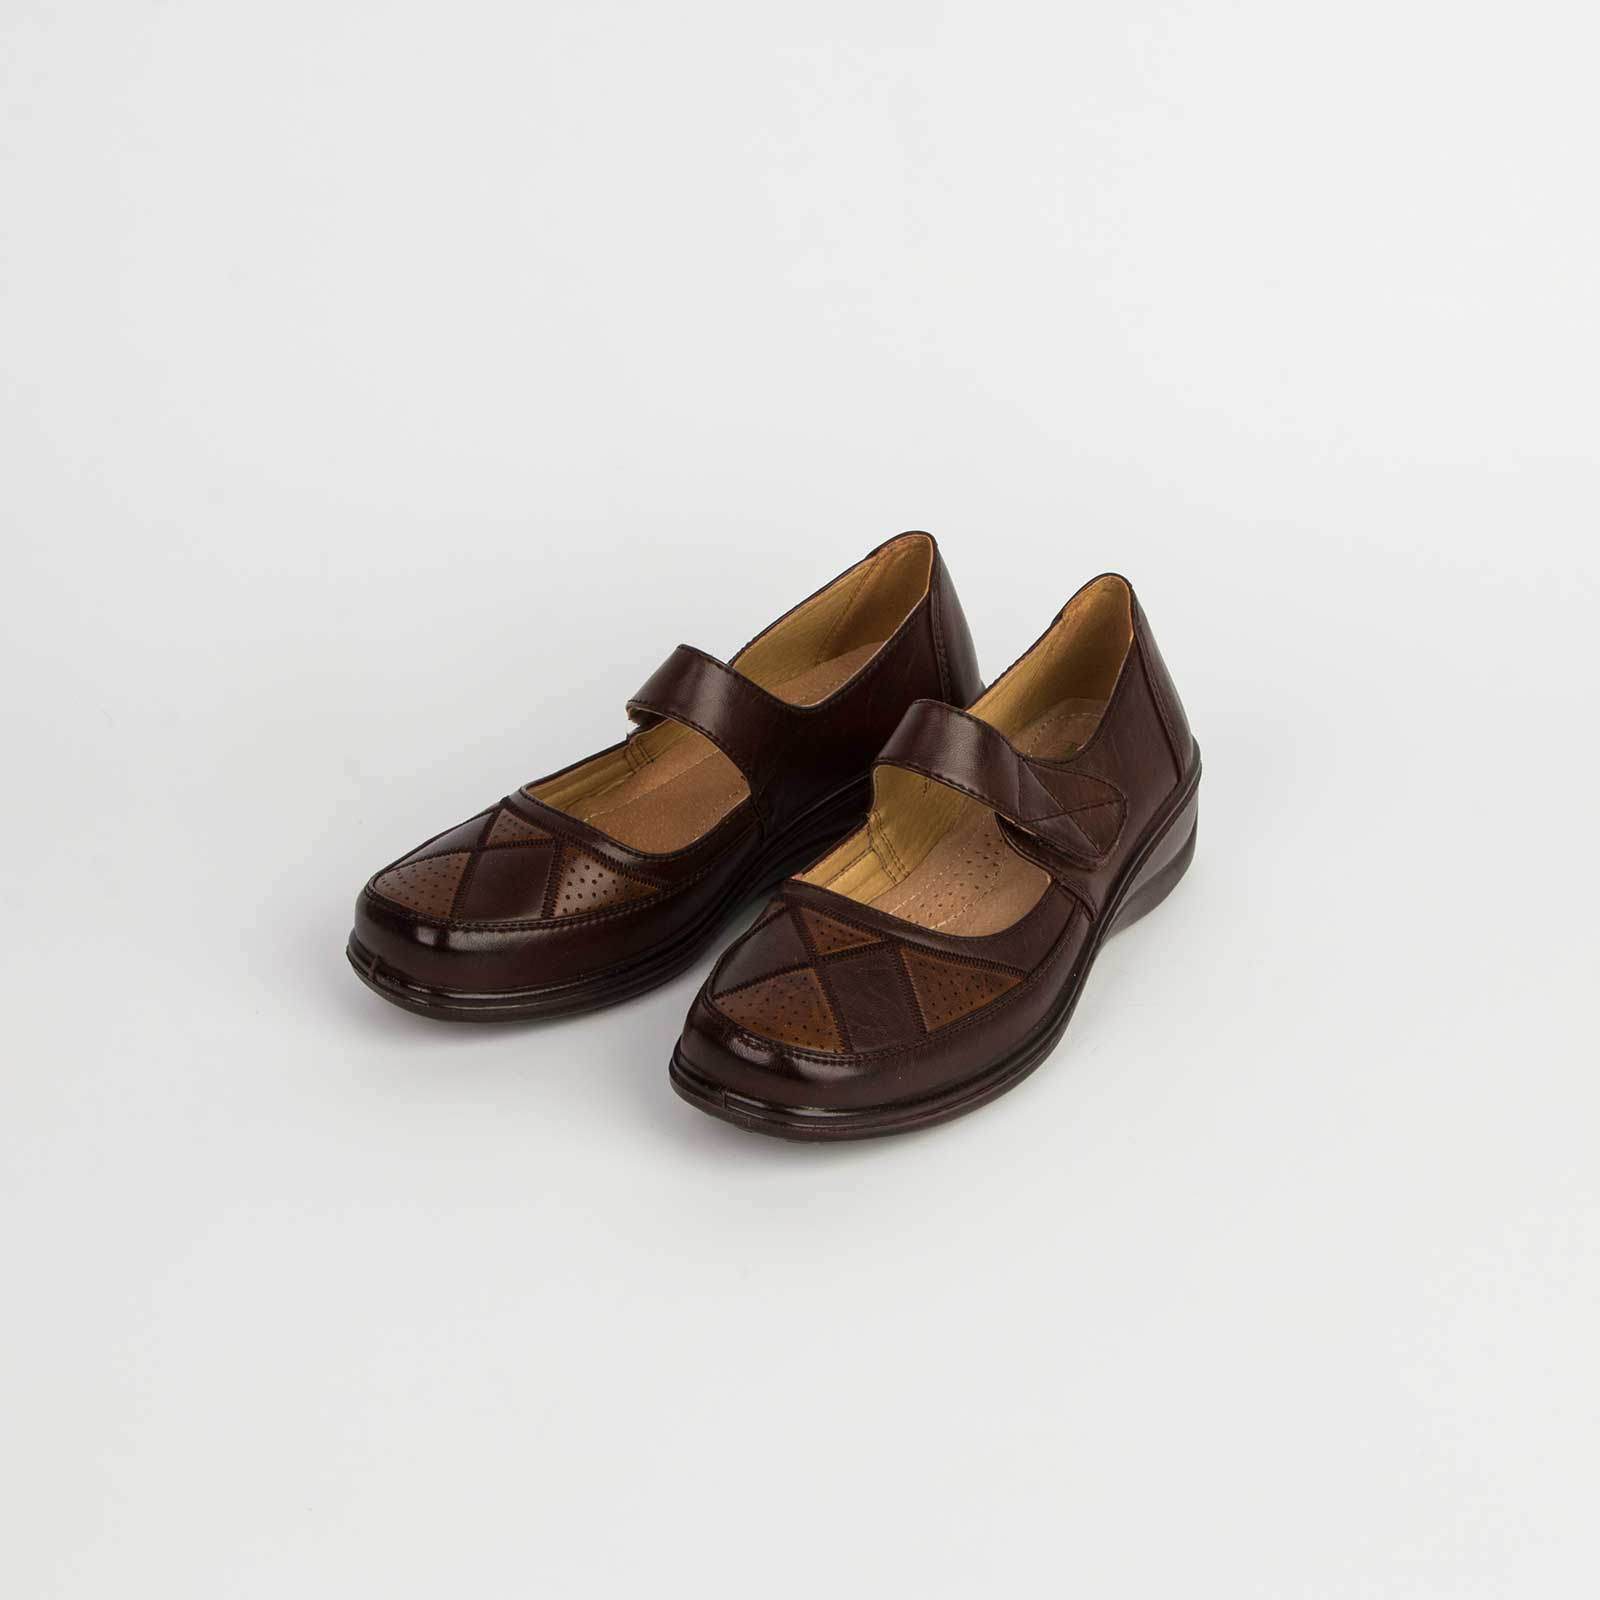 Туфли женские декорированные фигурным принтом на липучке